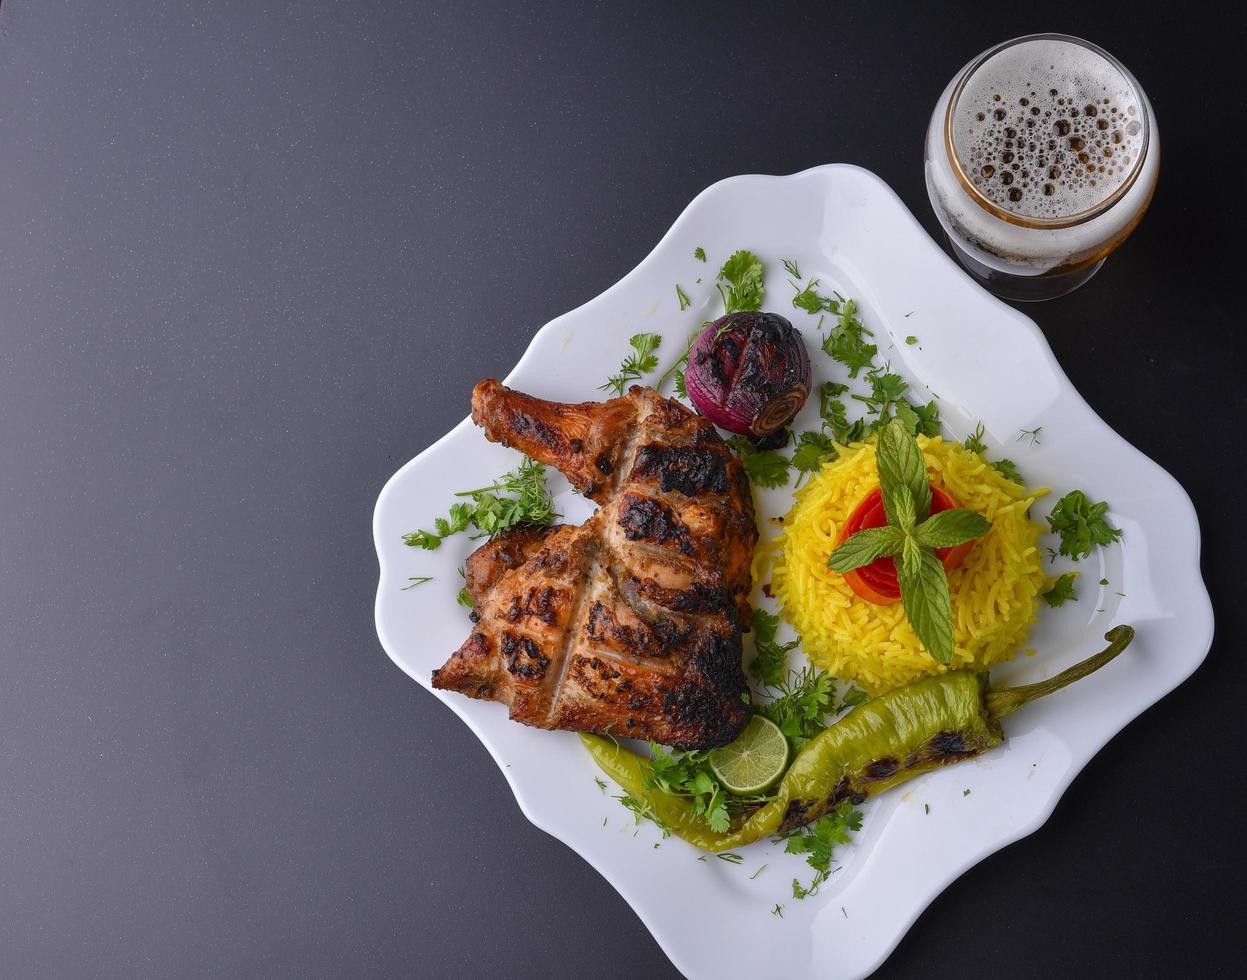 déjeuner de poitrine de poulet grillée photo